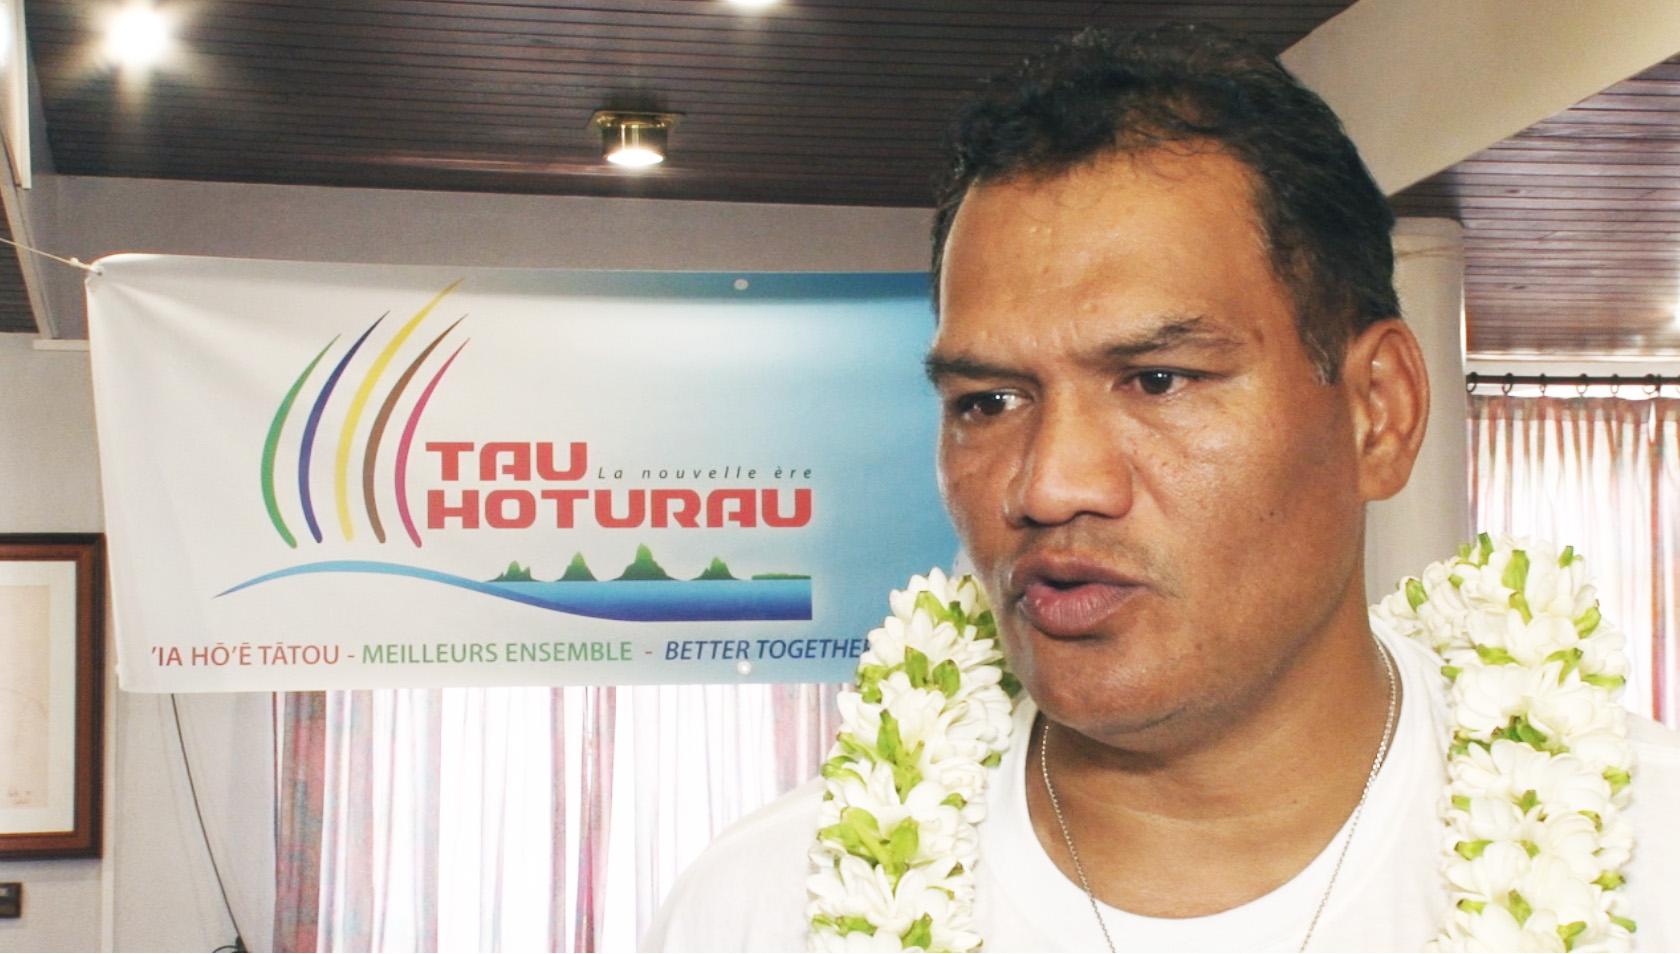 La semaine dernière, Tauhiti Nena a annoncé la création de son parti Tau Hoturau. Une annonce largement médiatisée et qui semble recevoir des avis positifs dans l'opinion publique polynésienne ©TNTV